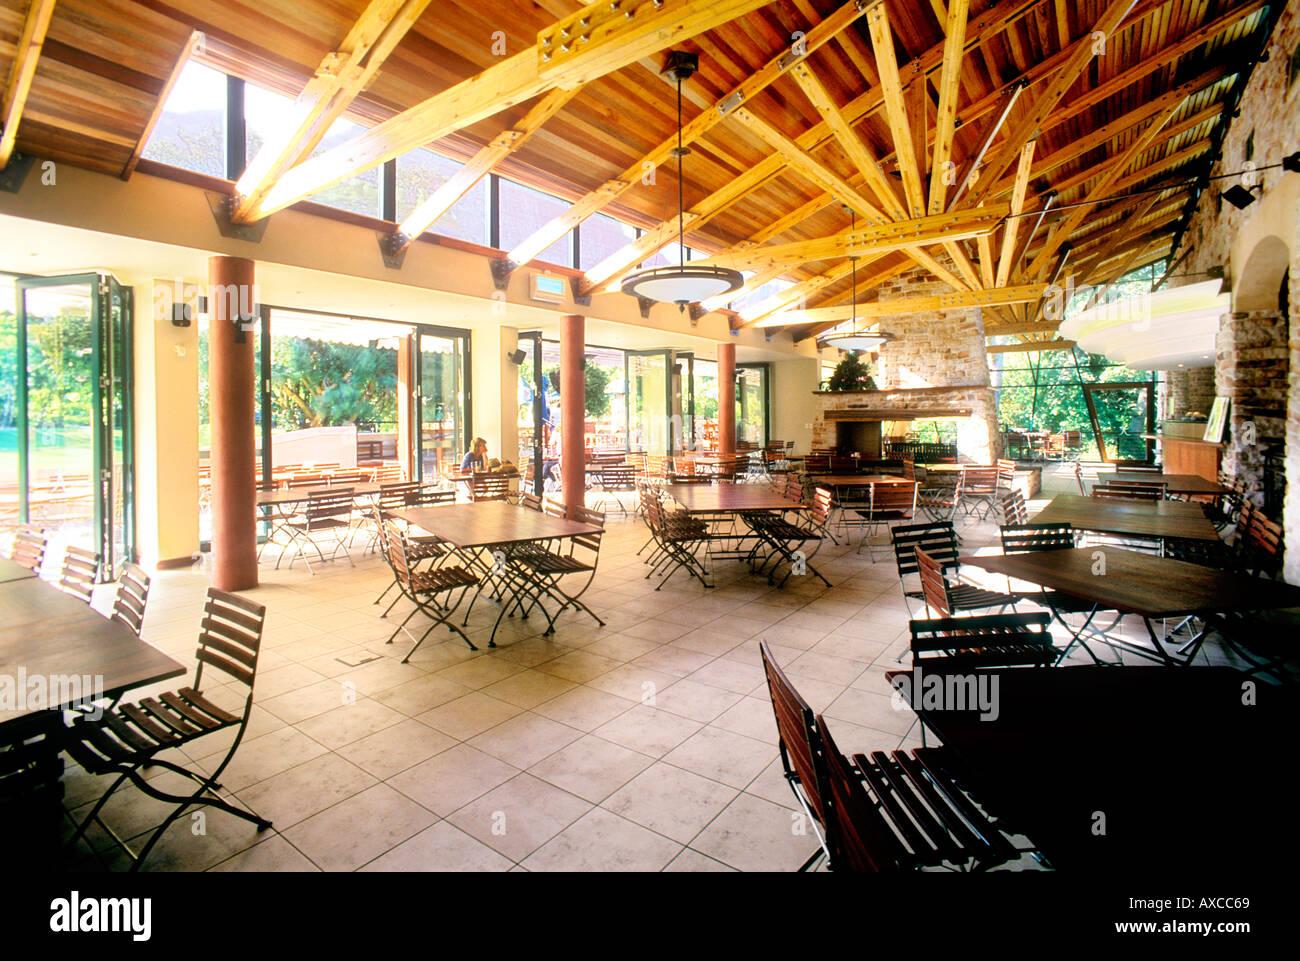 Kirstenbosch; Botanical; Gardens; Restaurant; Cape Town; South Africa;